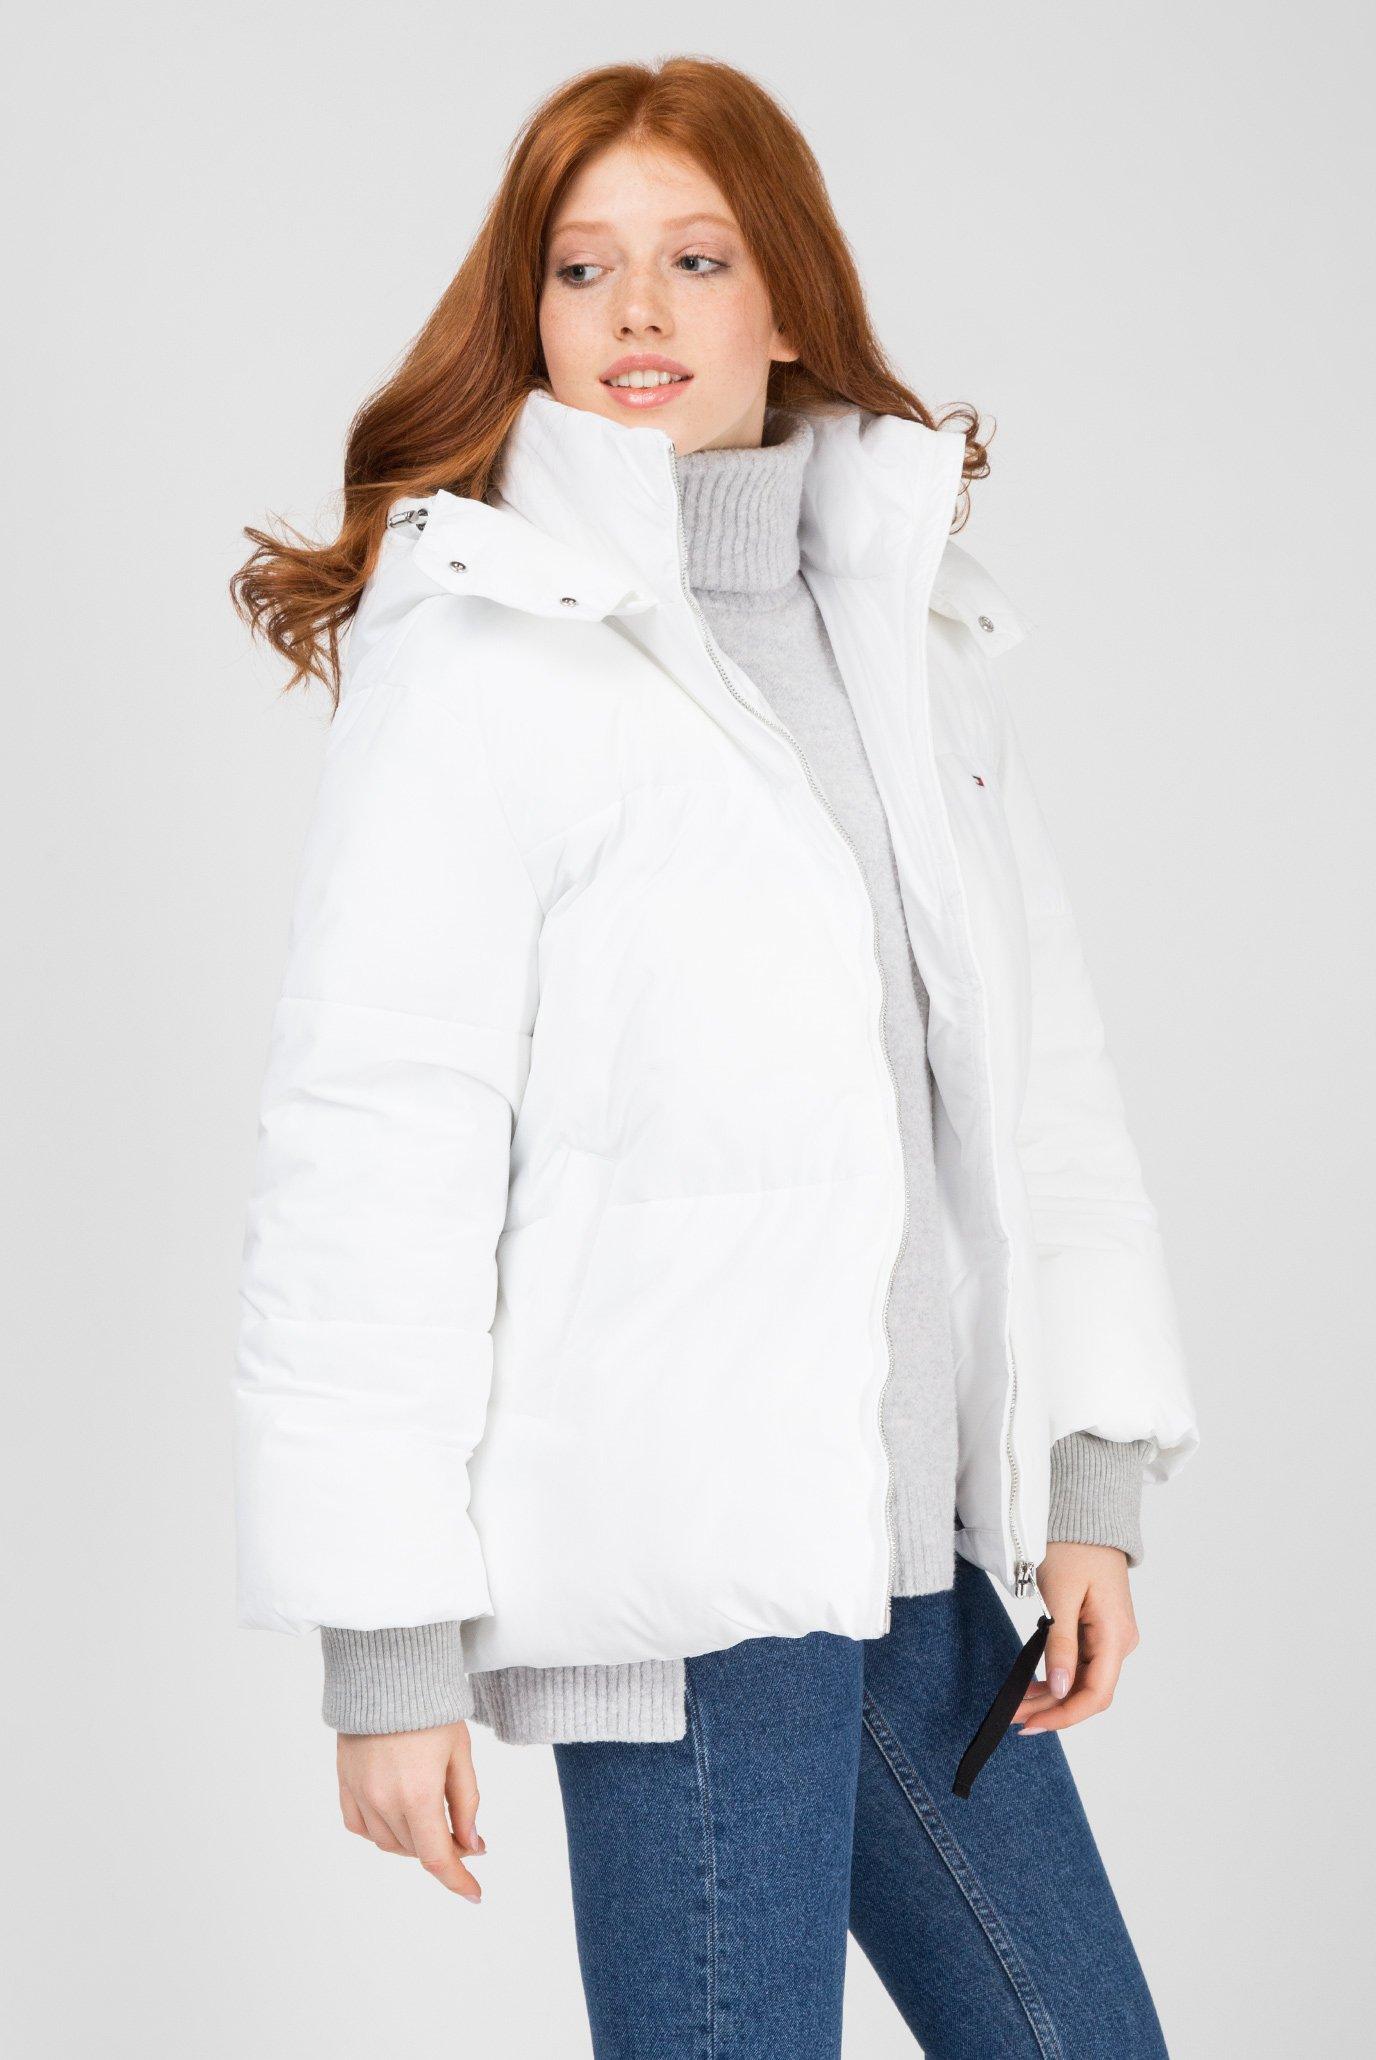 Купить Женская белая куртка Tommy Hilfiger Tommy Hilfiger DW0DW05183 – Киев, Украина. Цены в интернет магазине MD Fashion